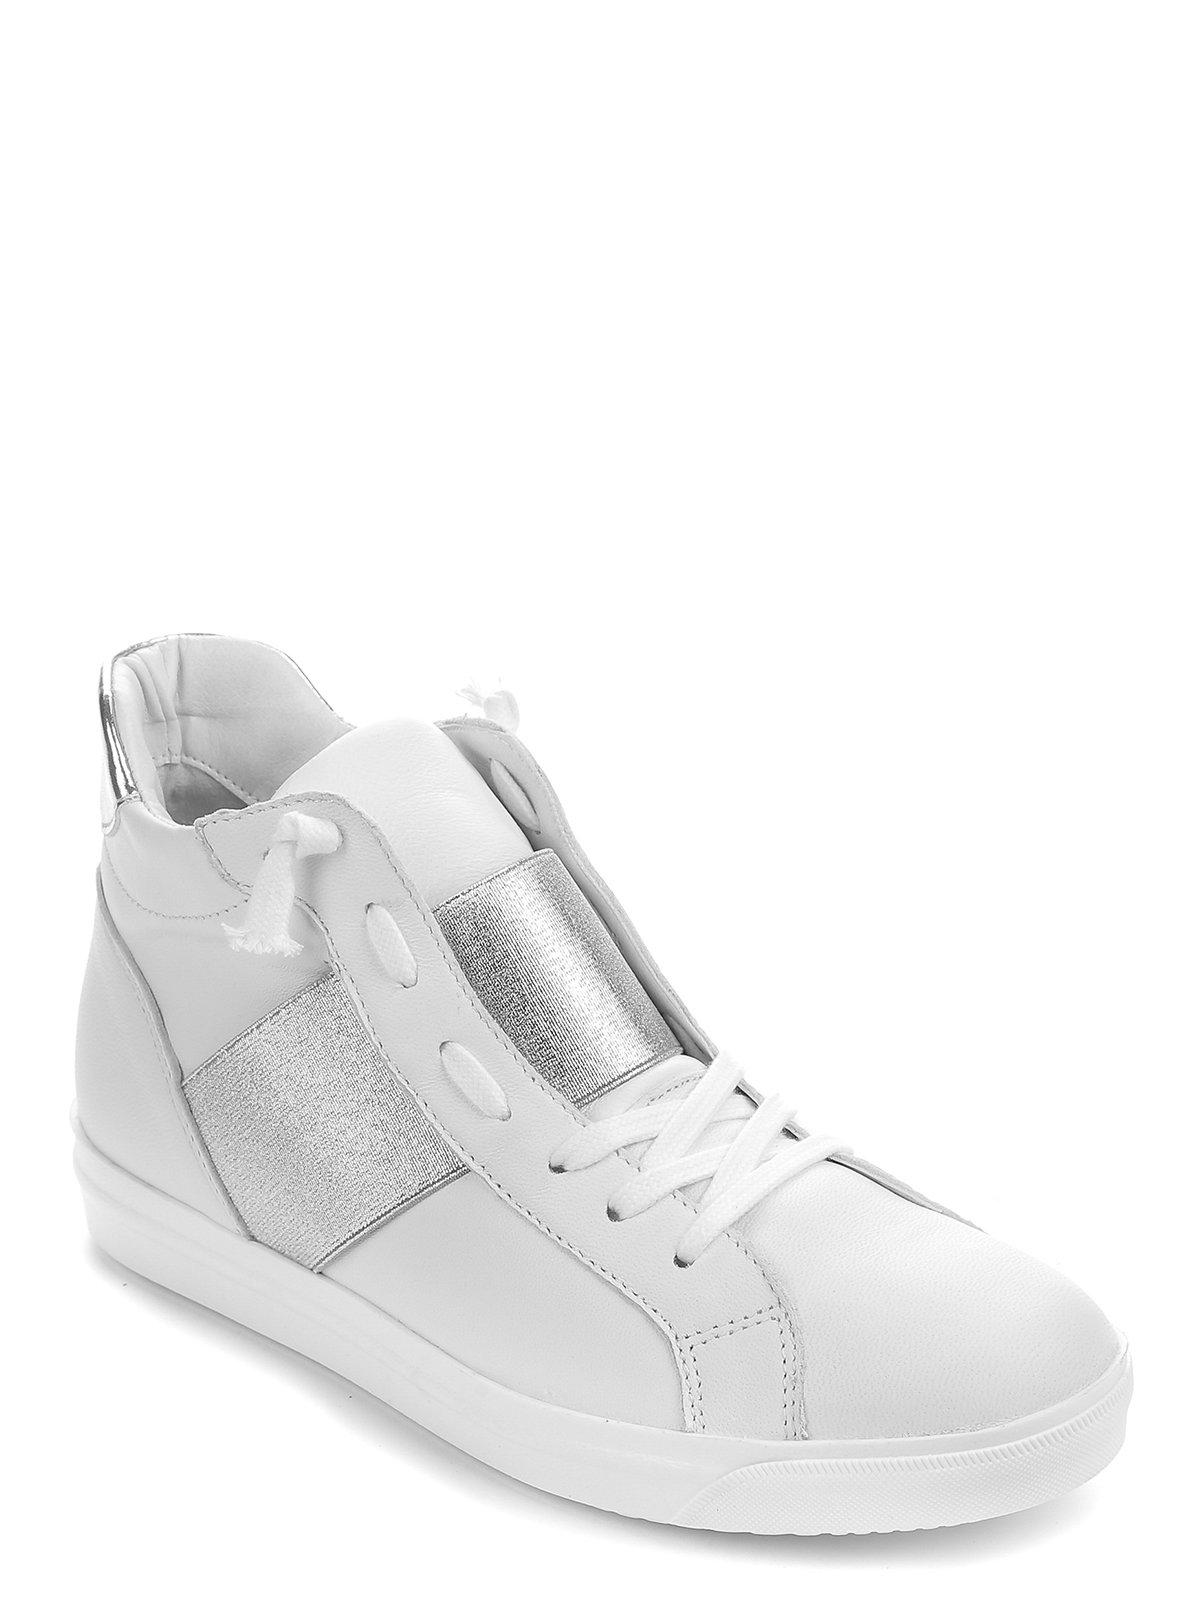 Кеды белые | 3217132